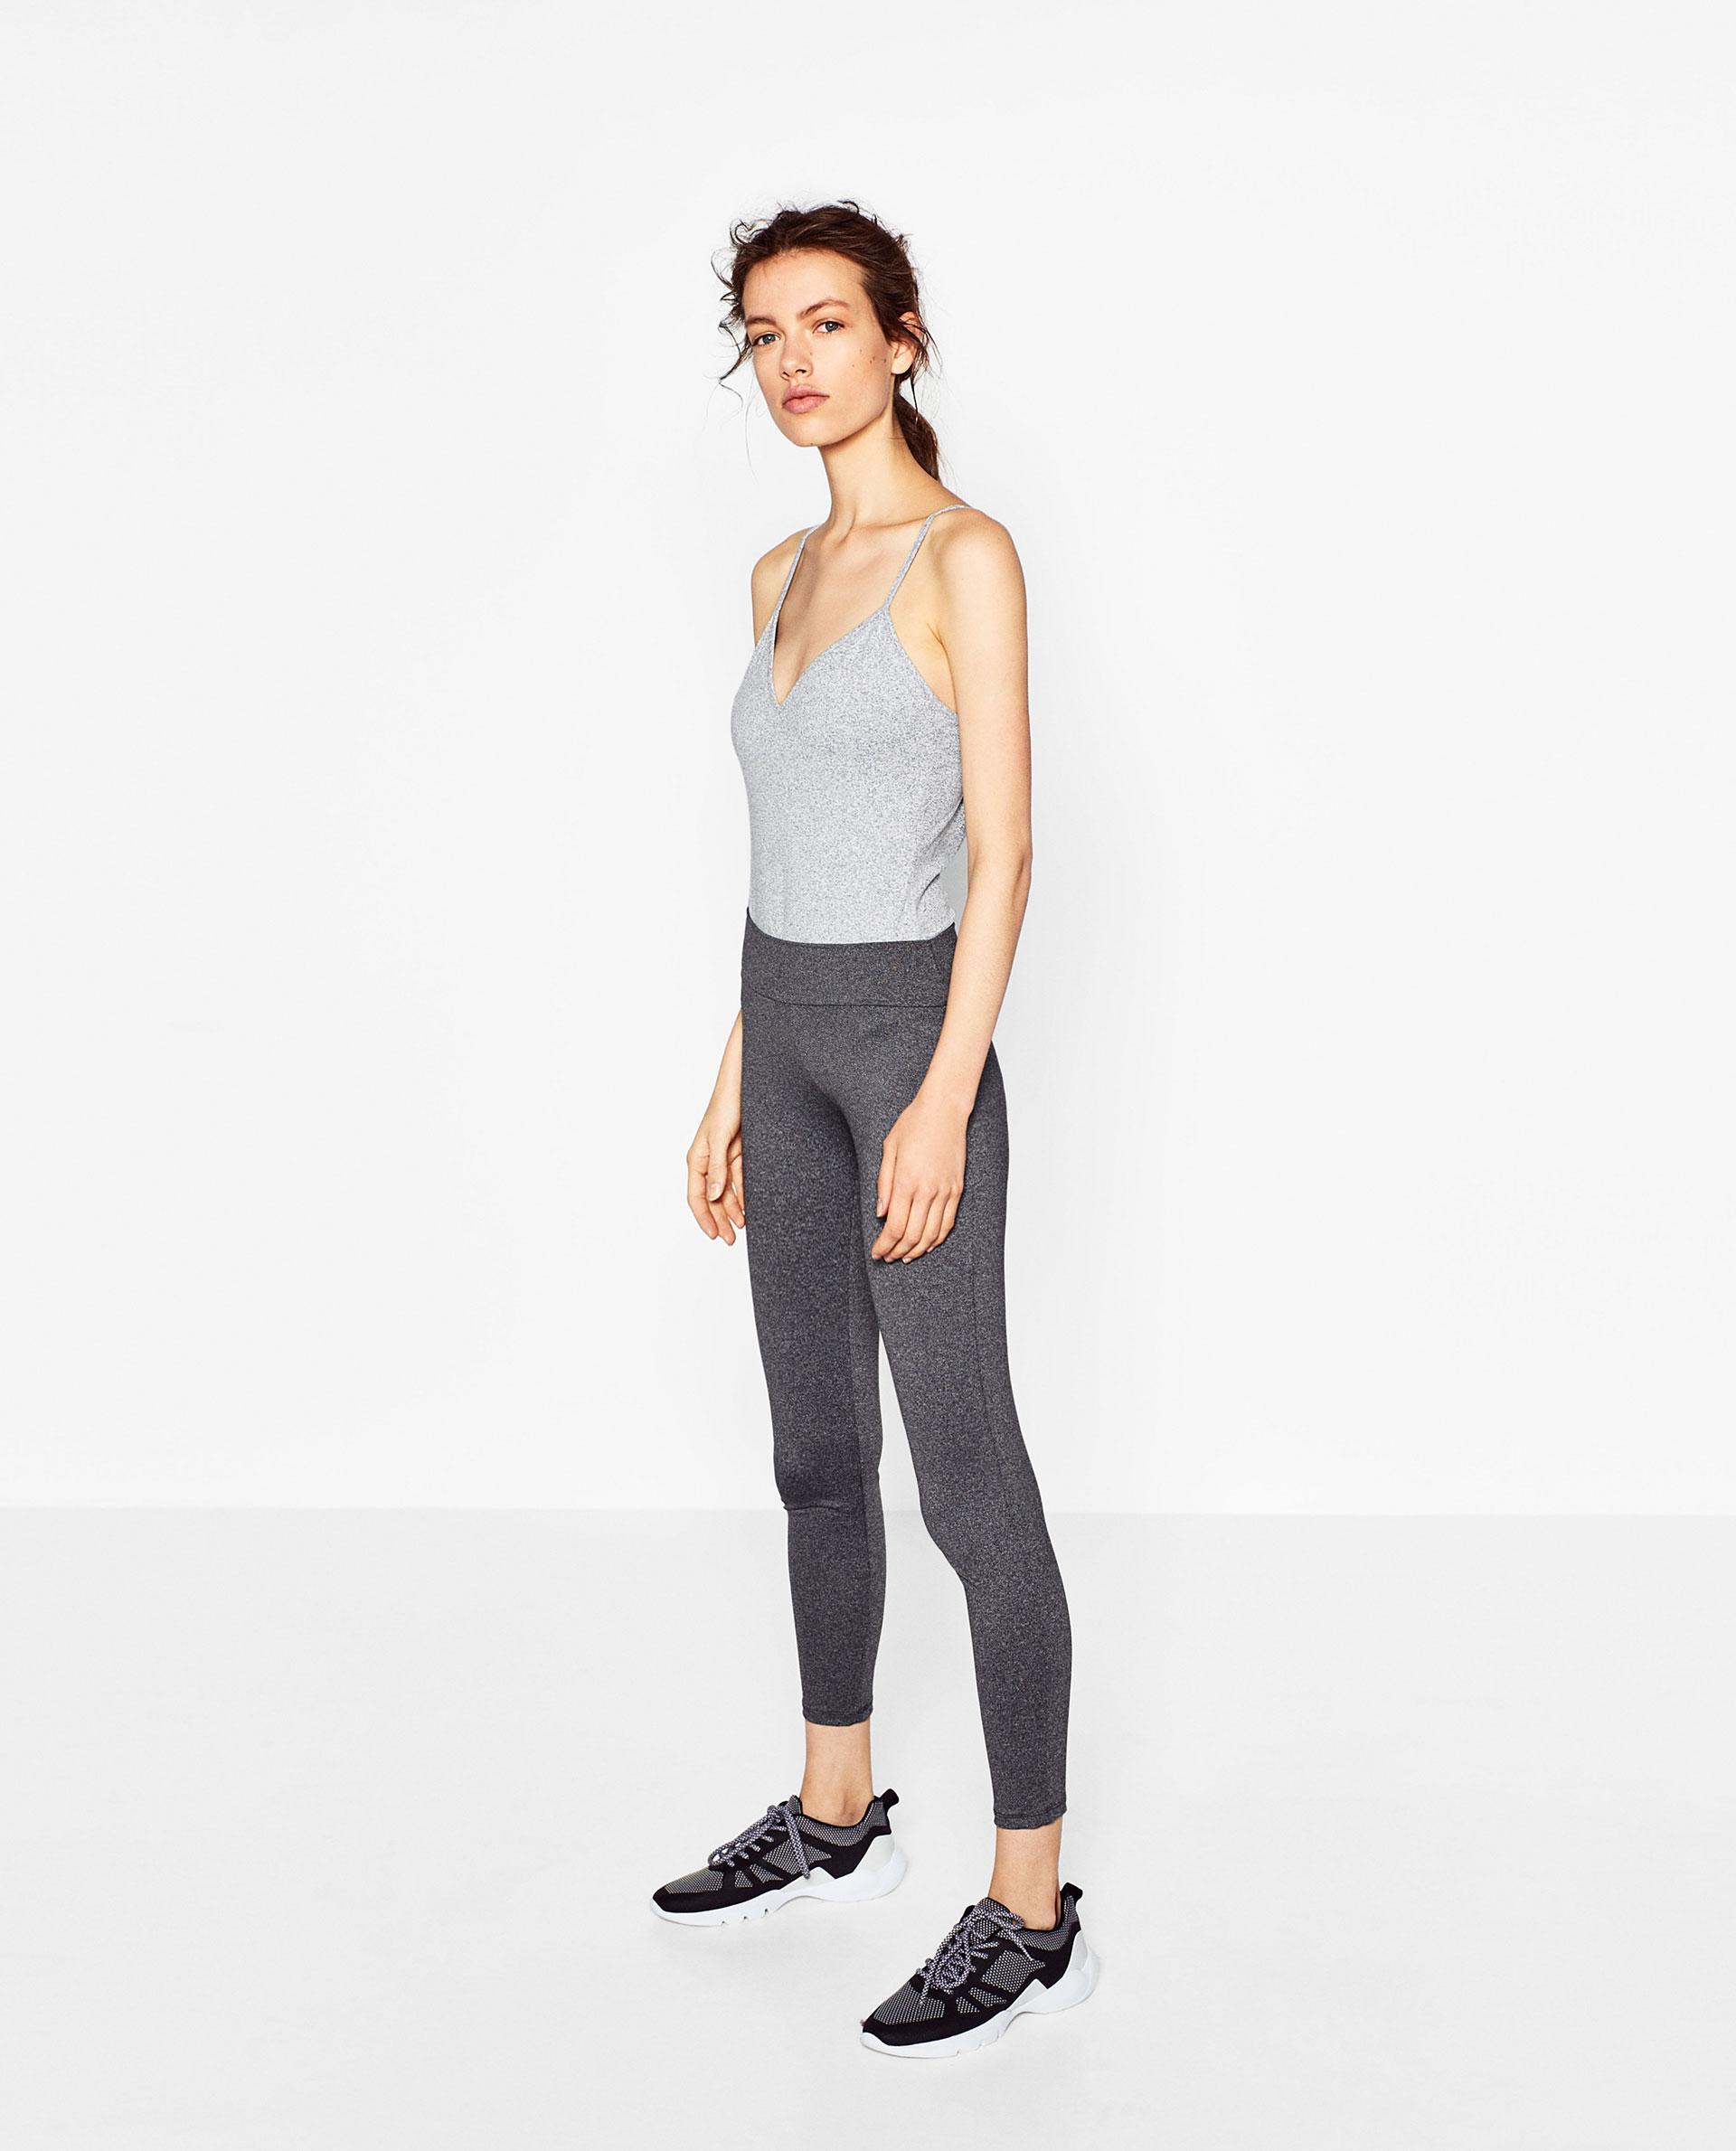 Zara Yoga Bodysuit